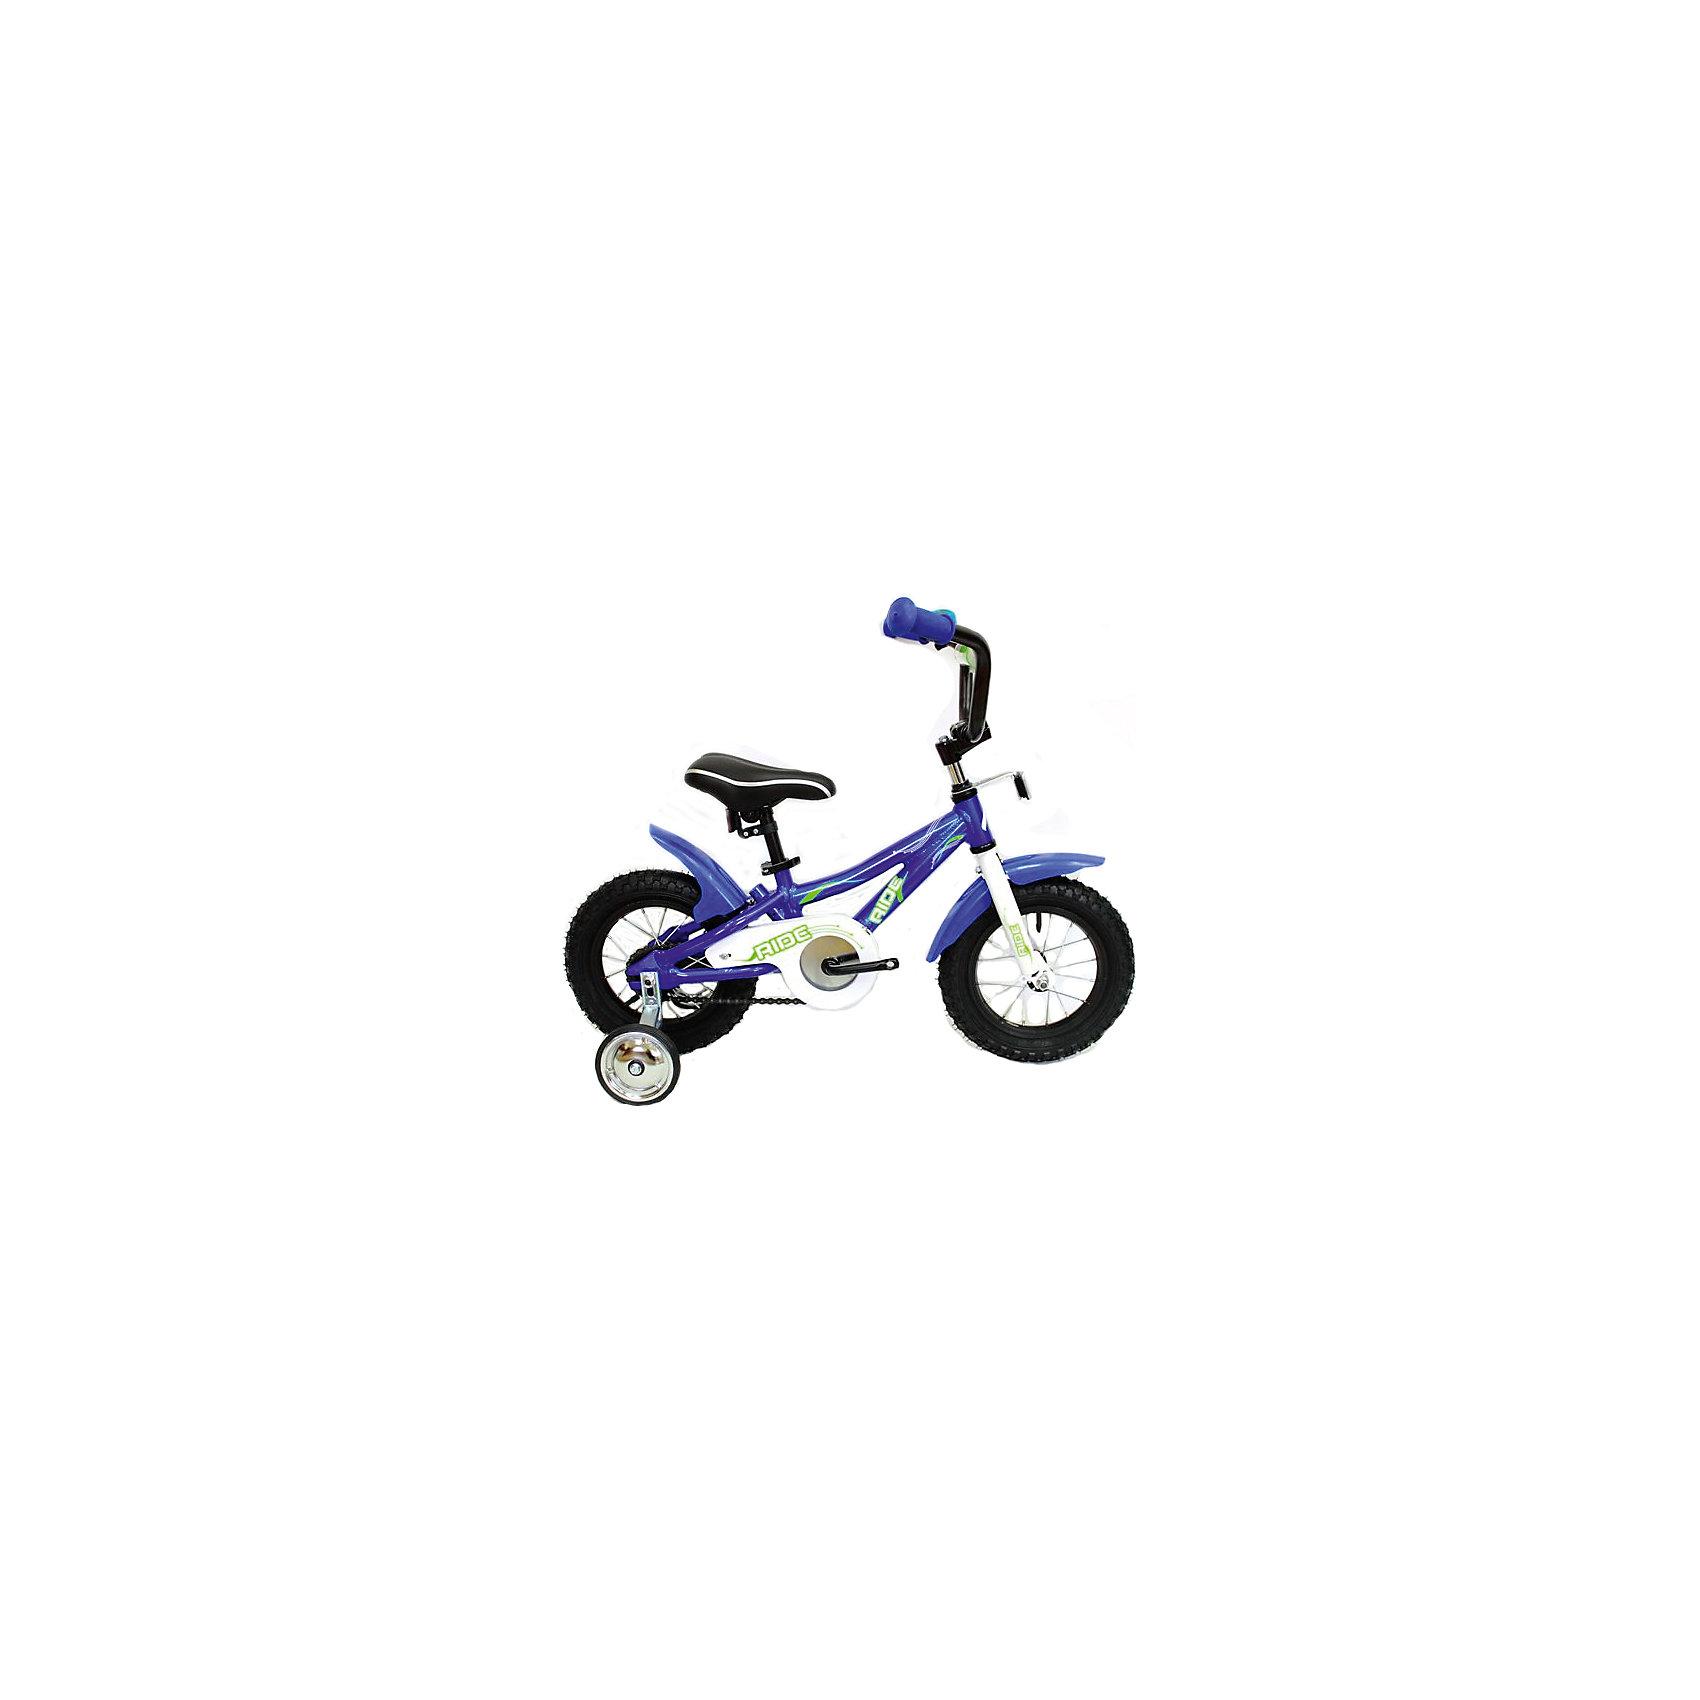 Велосипед RIDE, MARS, синийВелосипеды детские<br><br><br>Ширина мм: 400<br>Глубина мм: 400<br>Высота мм: 1000<br>Вес г: 10000<br>Возраст от месяцев: 24<br>Возраст до месяцев: 60<br>Пол: Унисекс<br>Возраст: Детский<br>SKU: 4785496